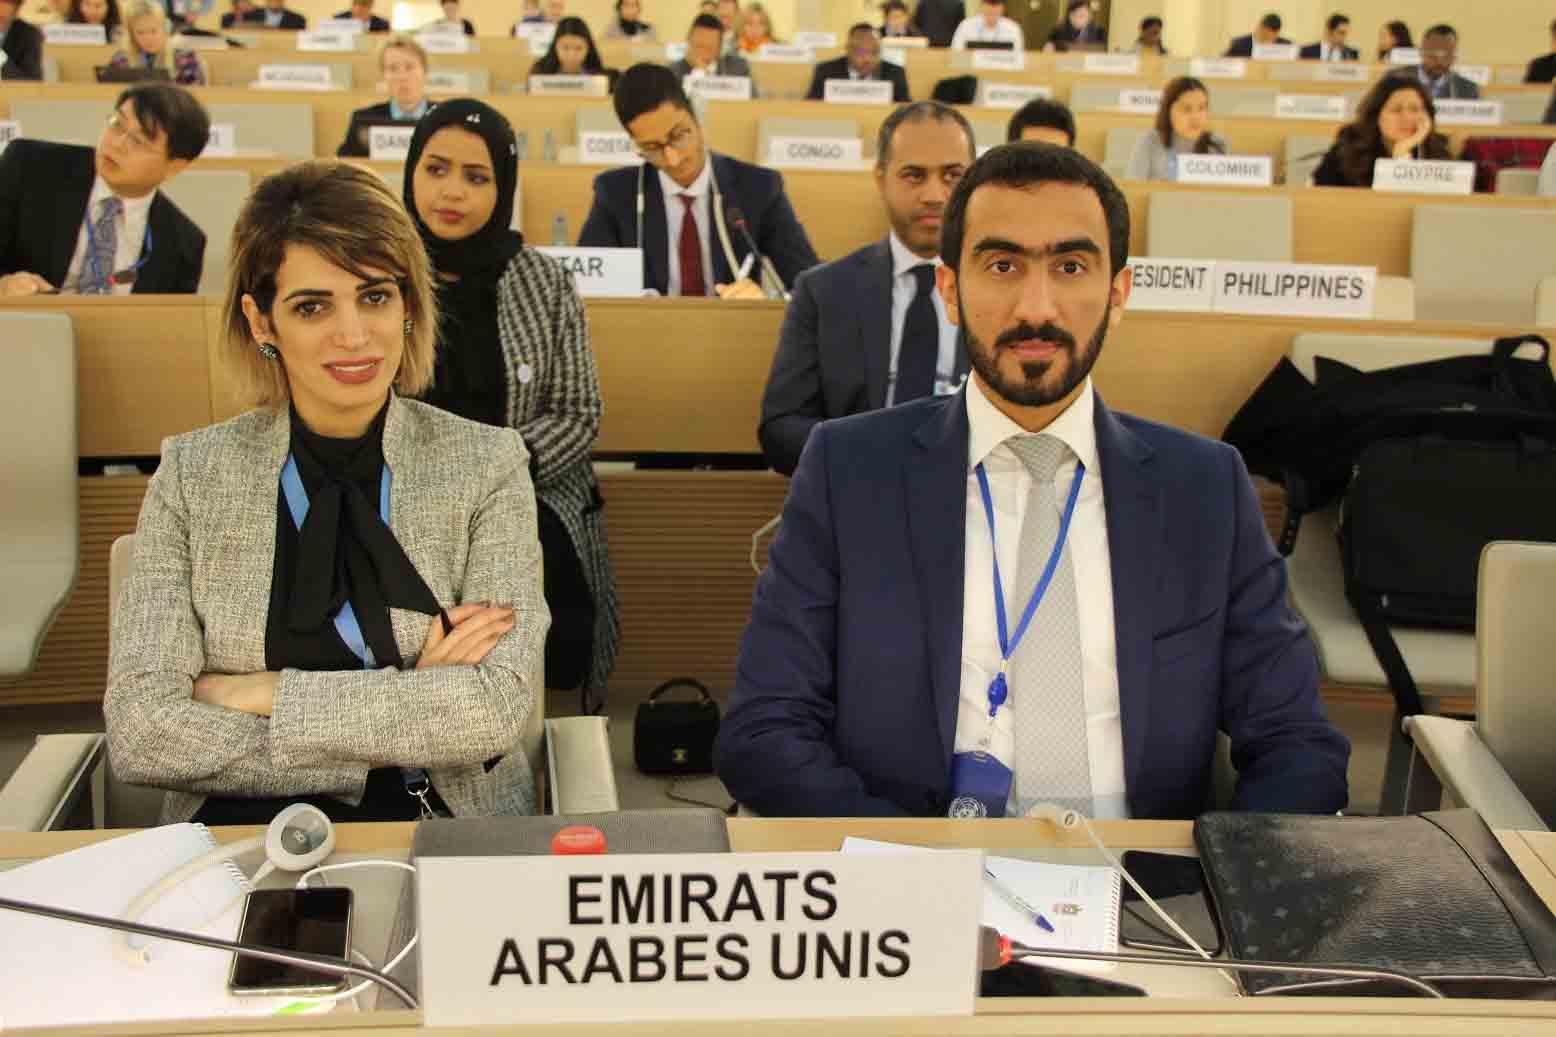 الإمارات تقدم تقريرها الوطني الثالث في إطار الاستعراض الدوري الشامل لحقوق الإنسان في جنيف 3